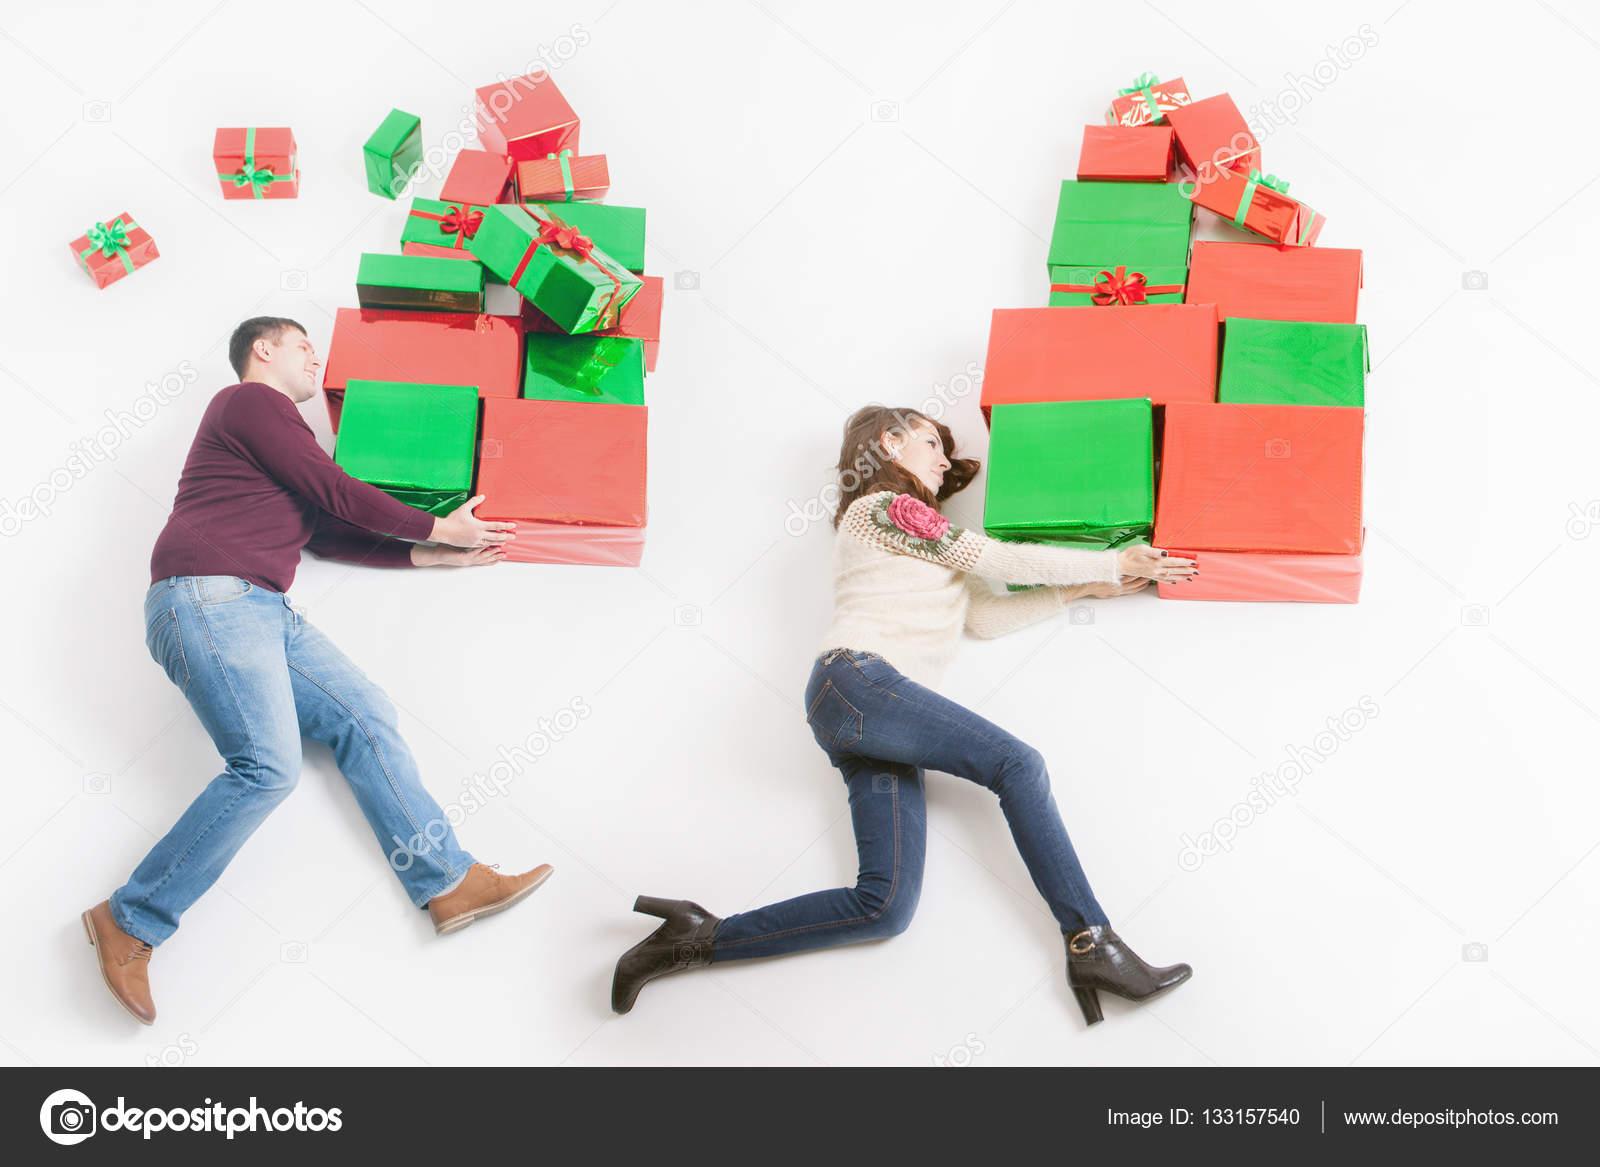 el viernes negro en estados unidos divertido compradores madre y padre que muchas cajas de regalo para los nios y correr gran regalo caja navidad